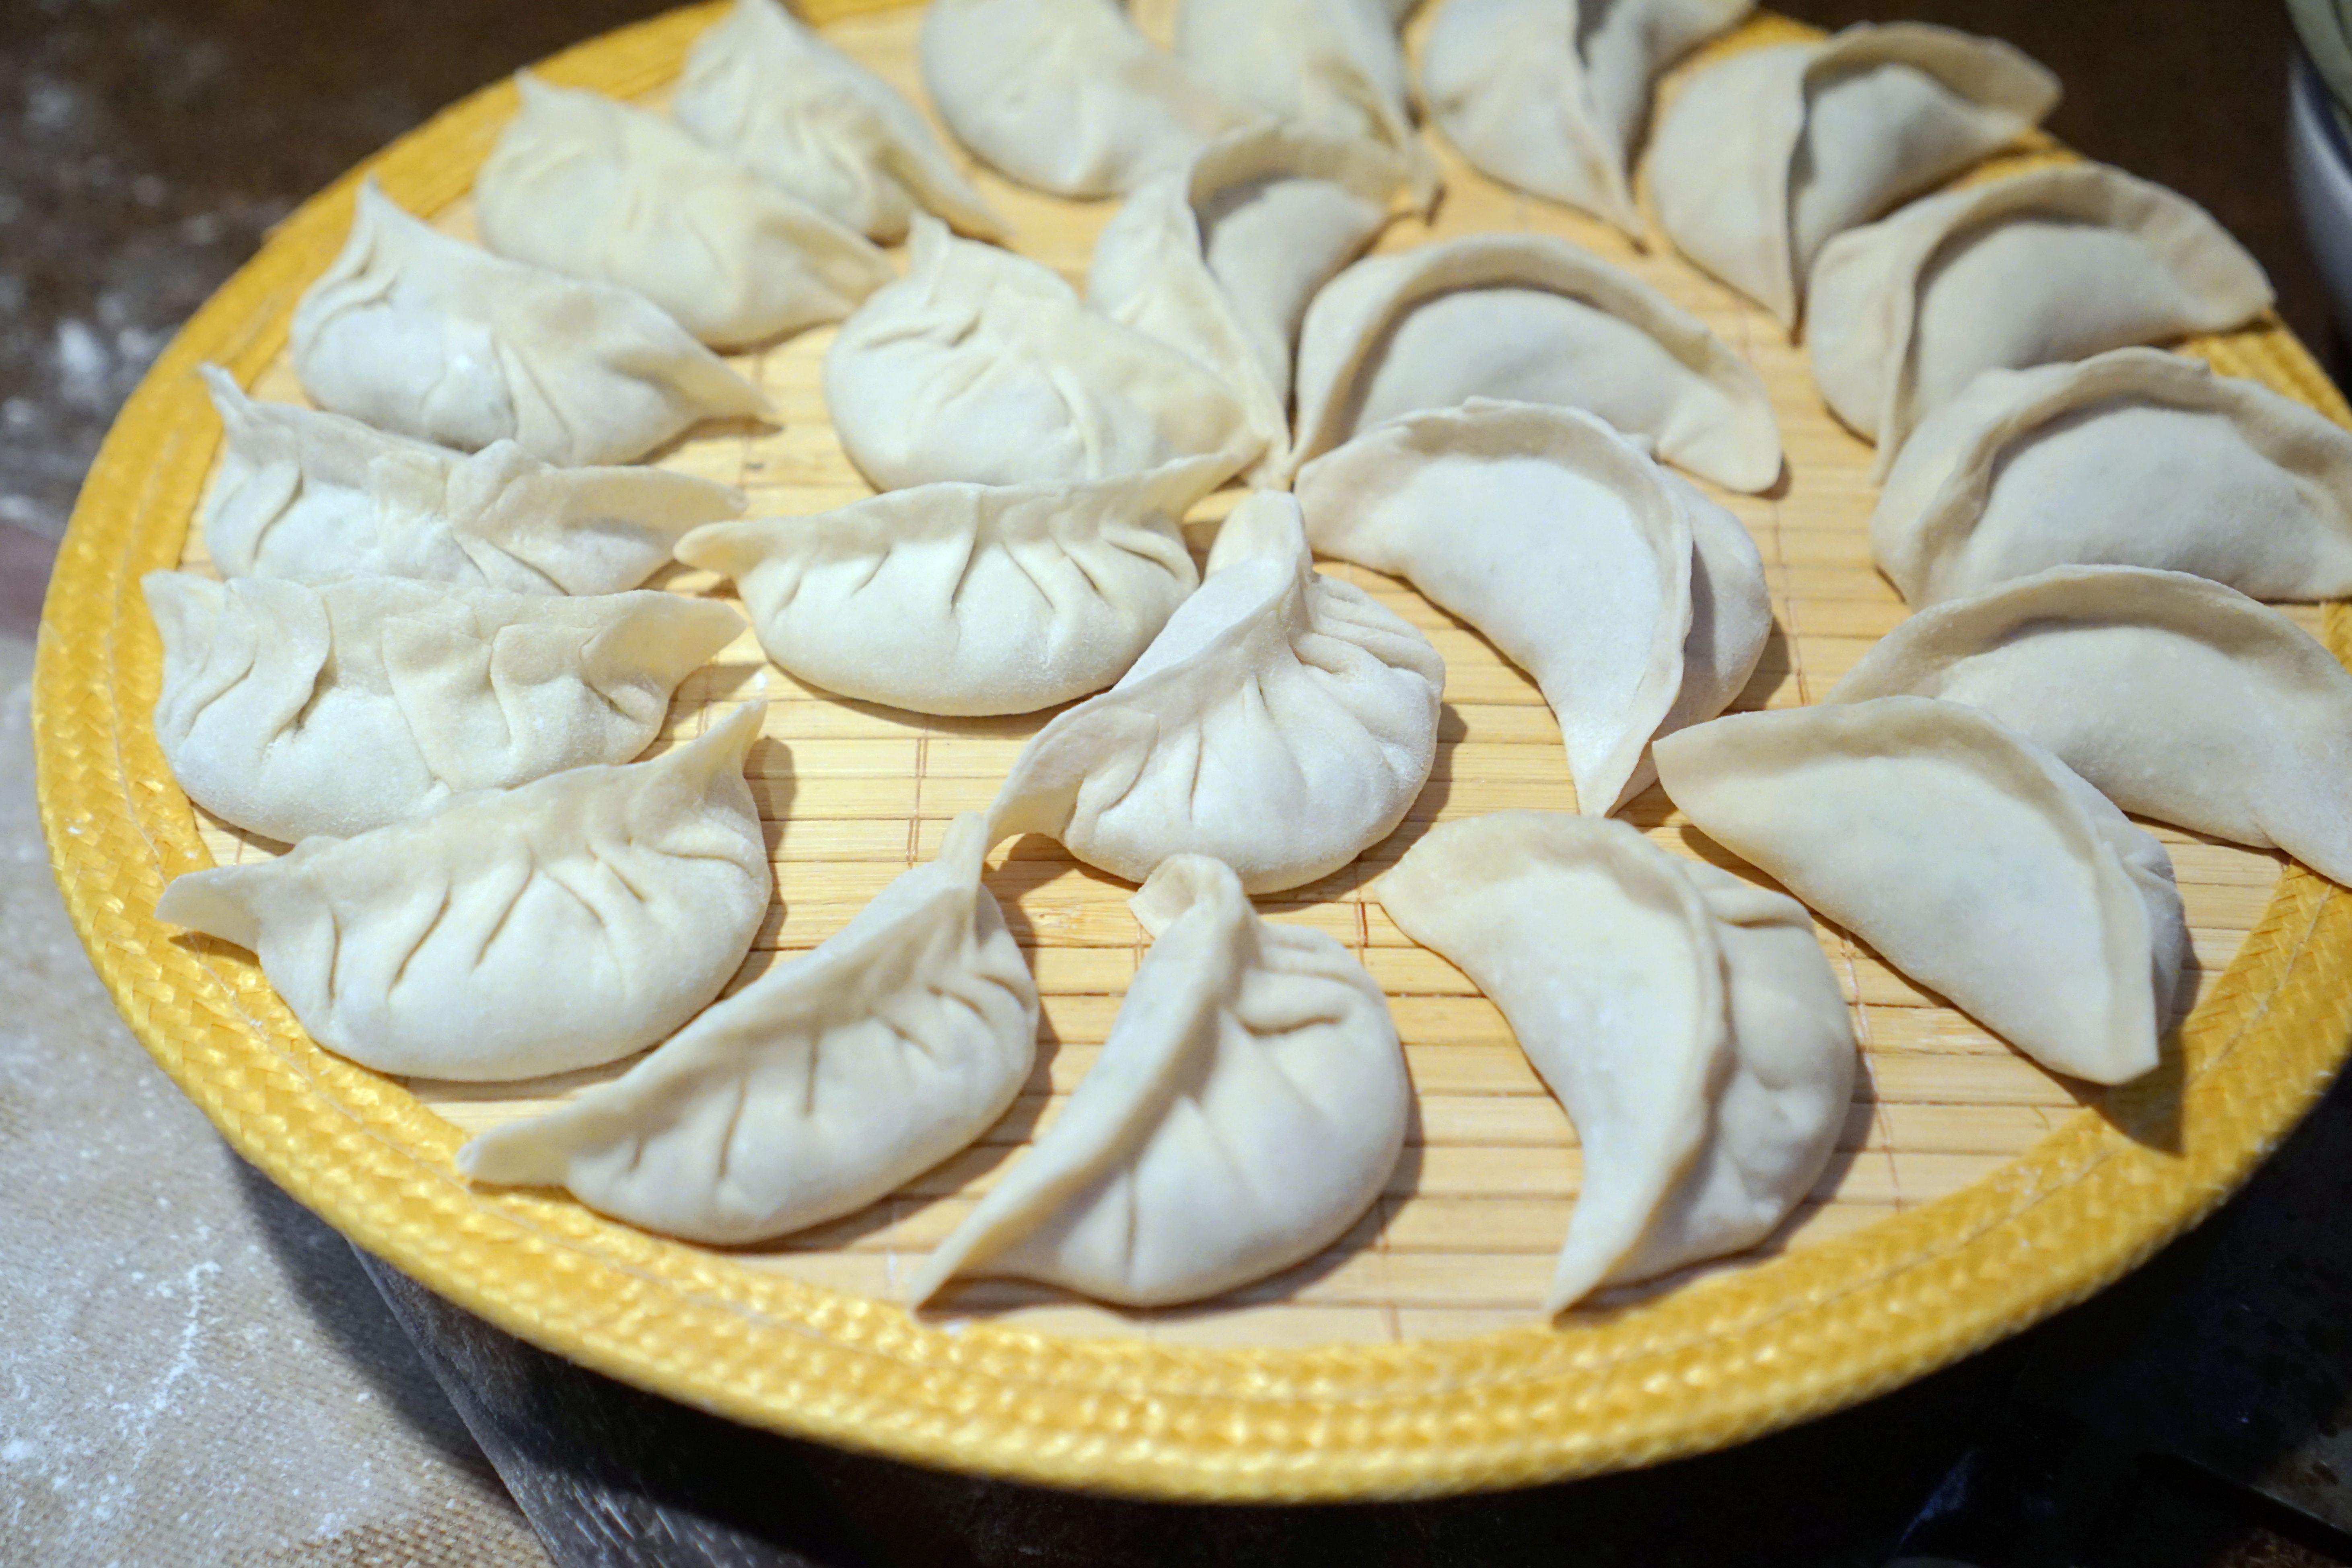 冬至的饺子【鲅鱼饺子】的做法图解15